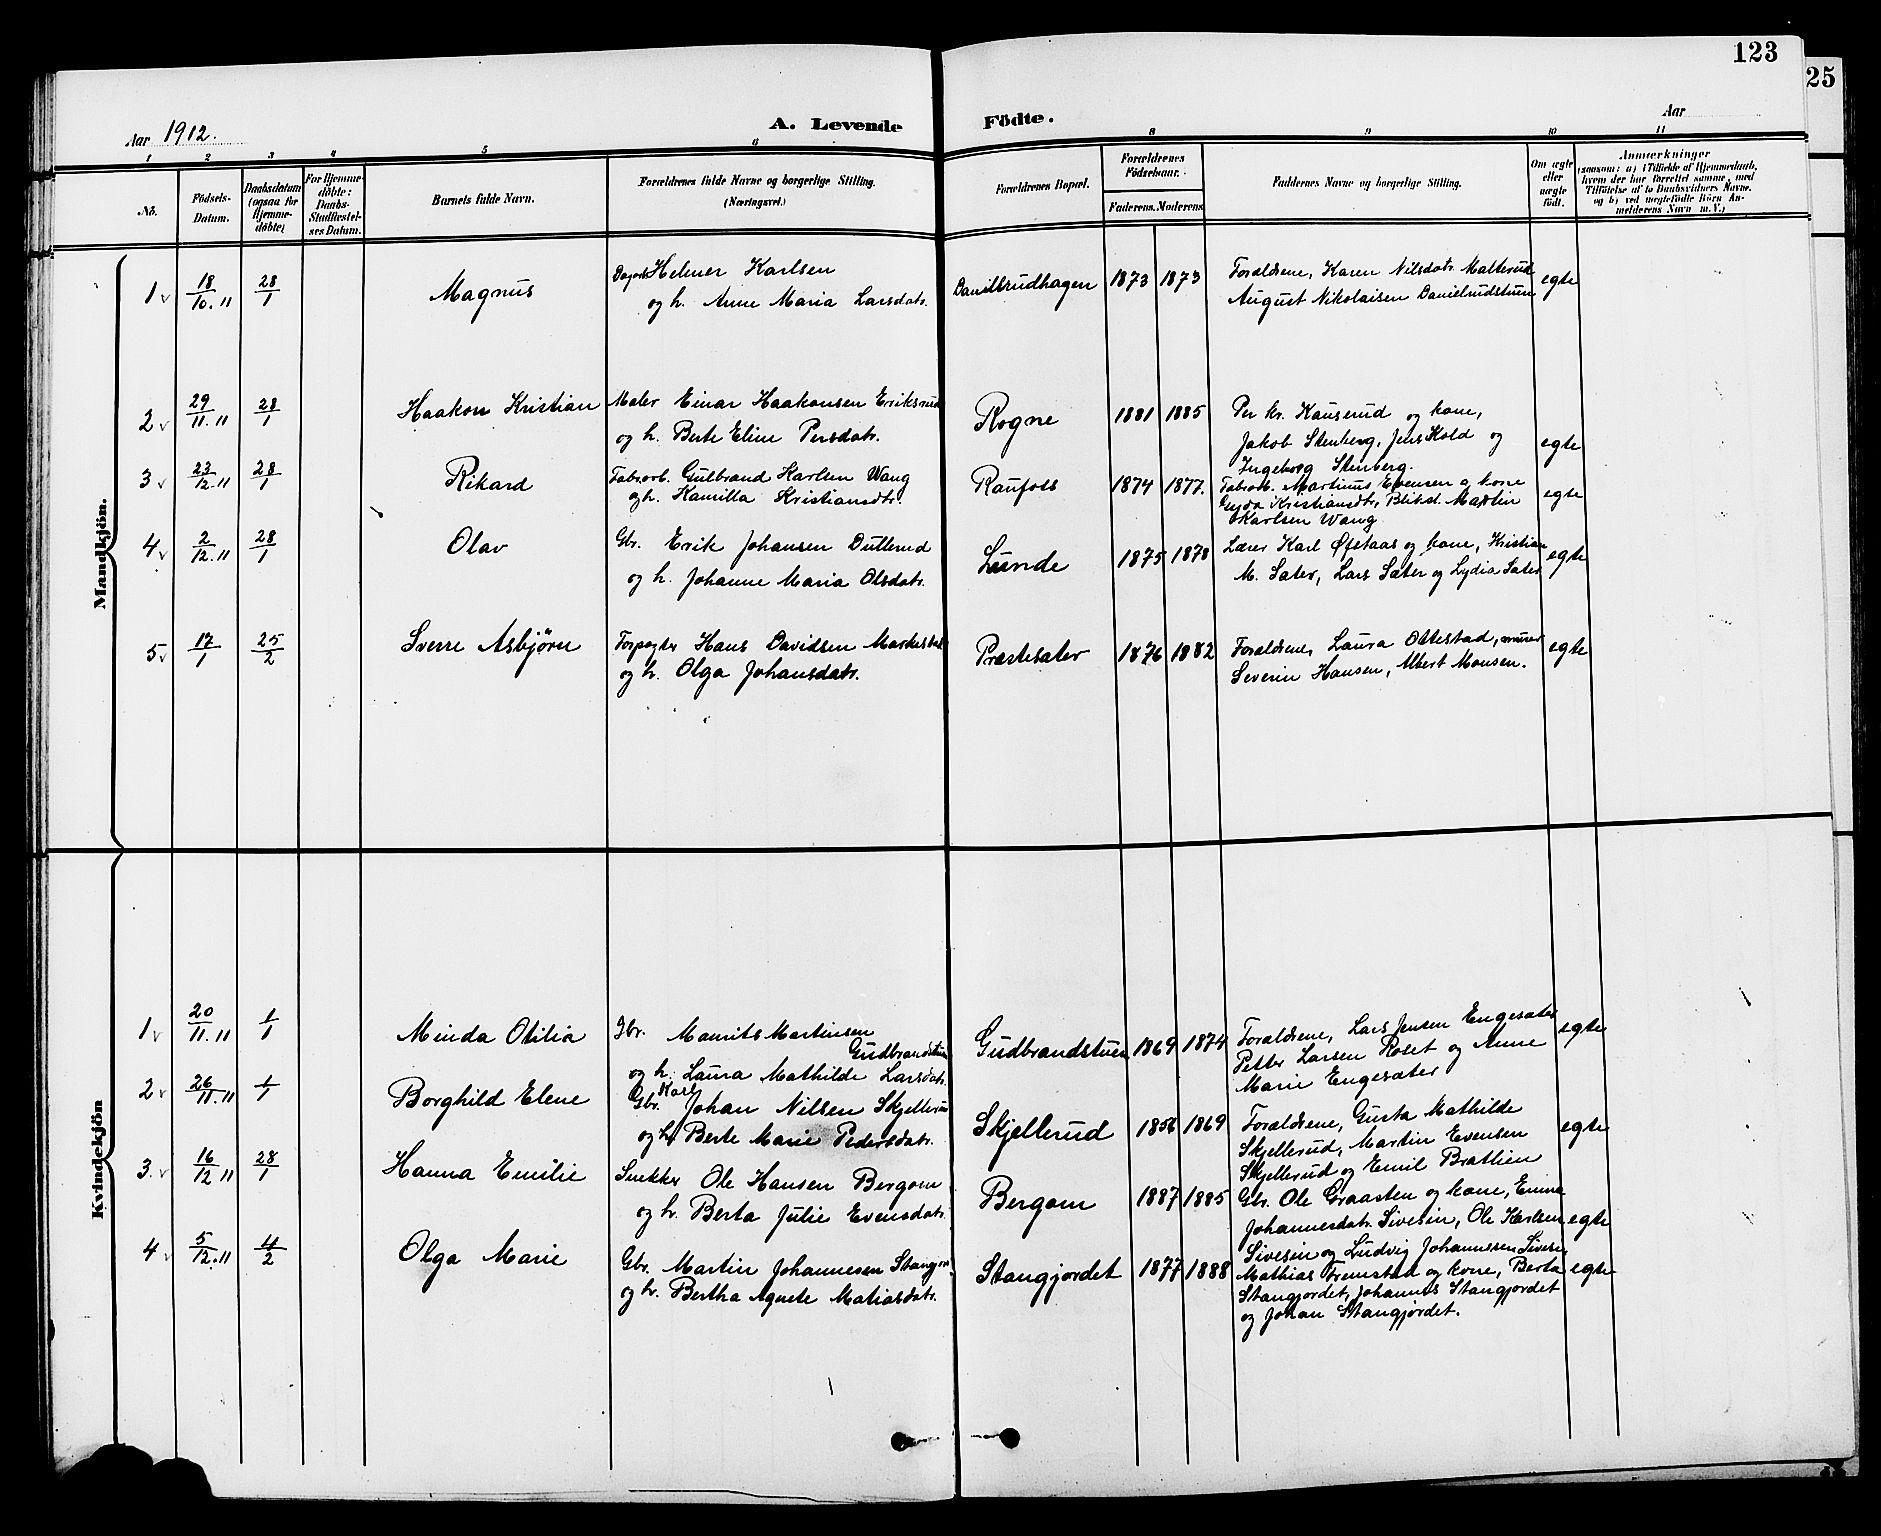 SAH, Vestre Toten prestekontor, H/Ha/Hab/L0010: Klokkerbok nr. 10, 1900-1912, s. 123